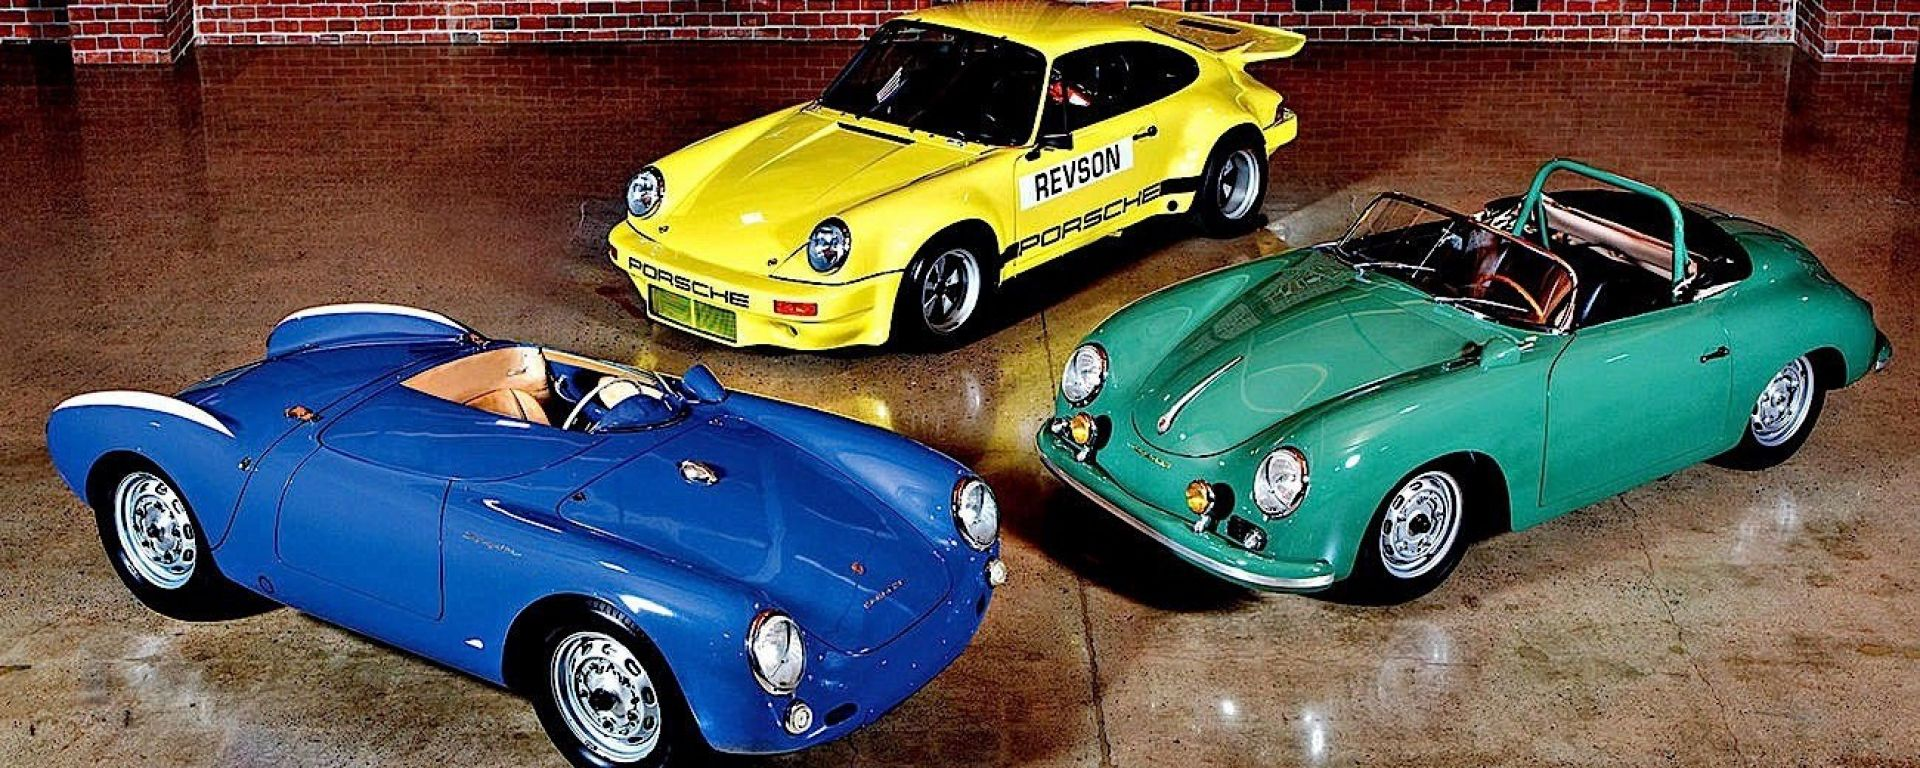 All'asta tre Porsche d'epoca del comico Jerry Seinfeld